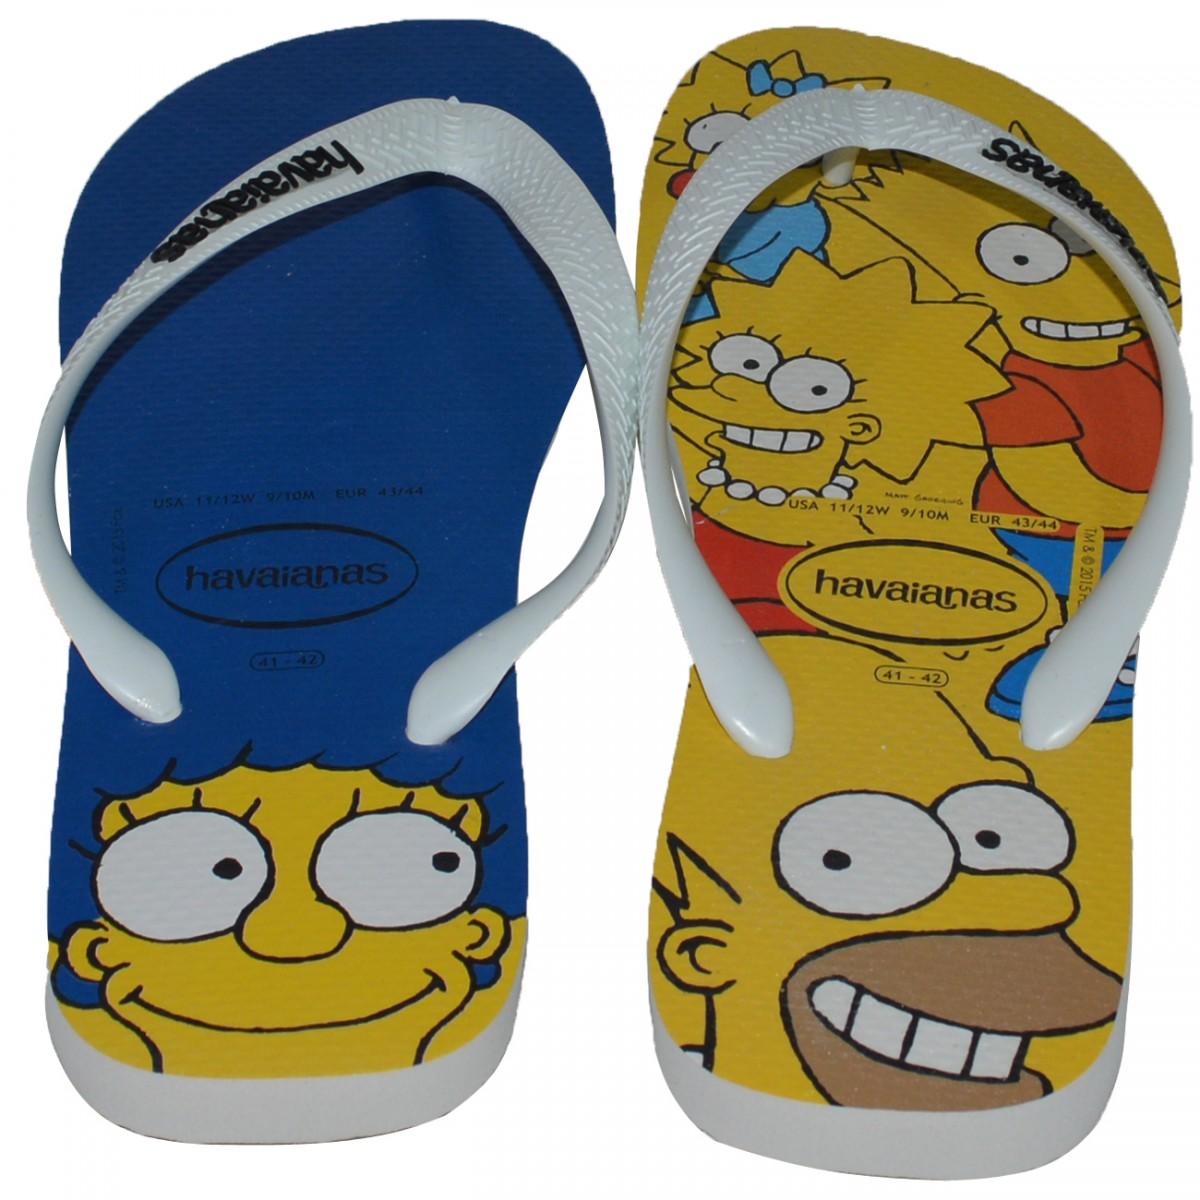 e13145ccb9 Chinelo Havaianas Simpsons 4.137.889 0001 - Branco - Chuteira Nike ...